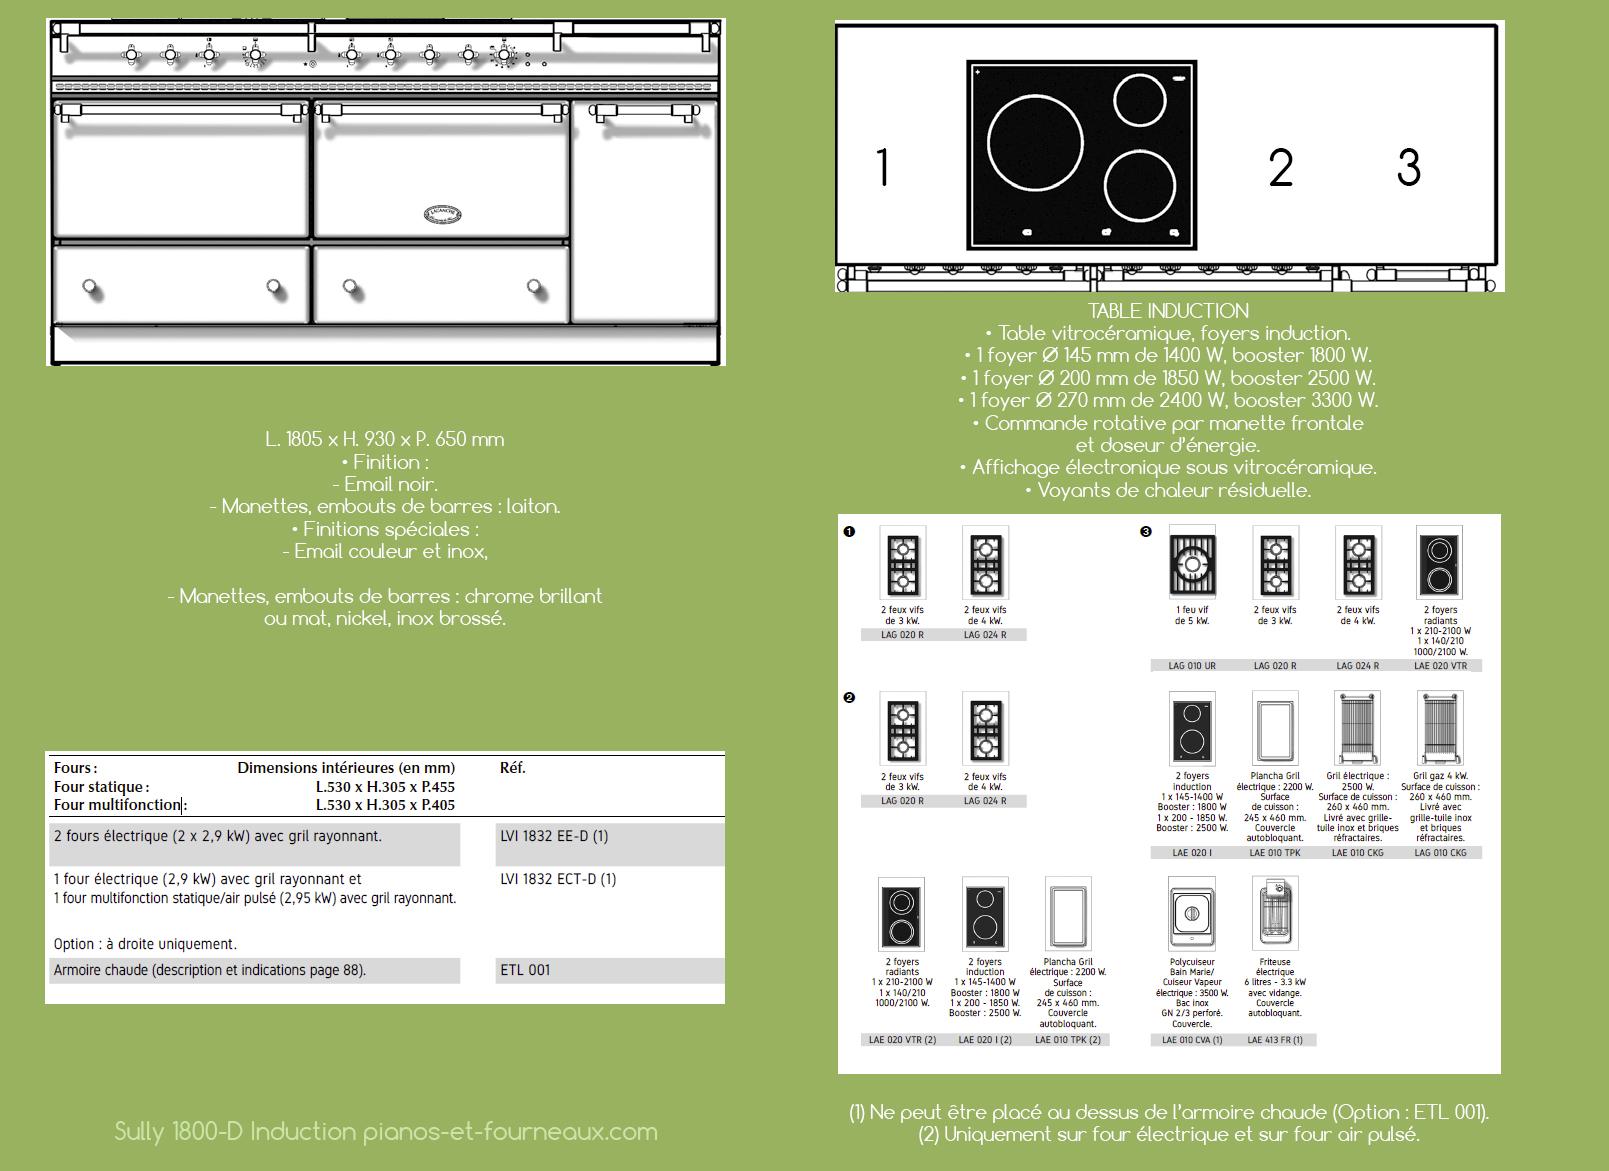 Sully 1800 D Induction configurations possibles - pianos-et-fourneaux.com le spécialiste des pianos de cuisine et fourneaux de cuisson Lacanche